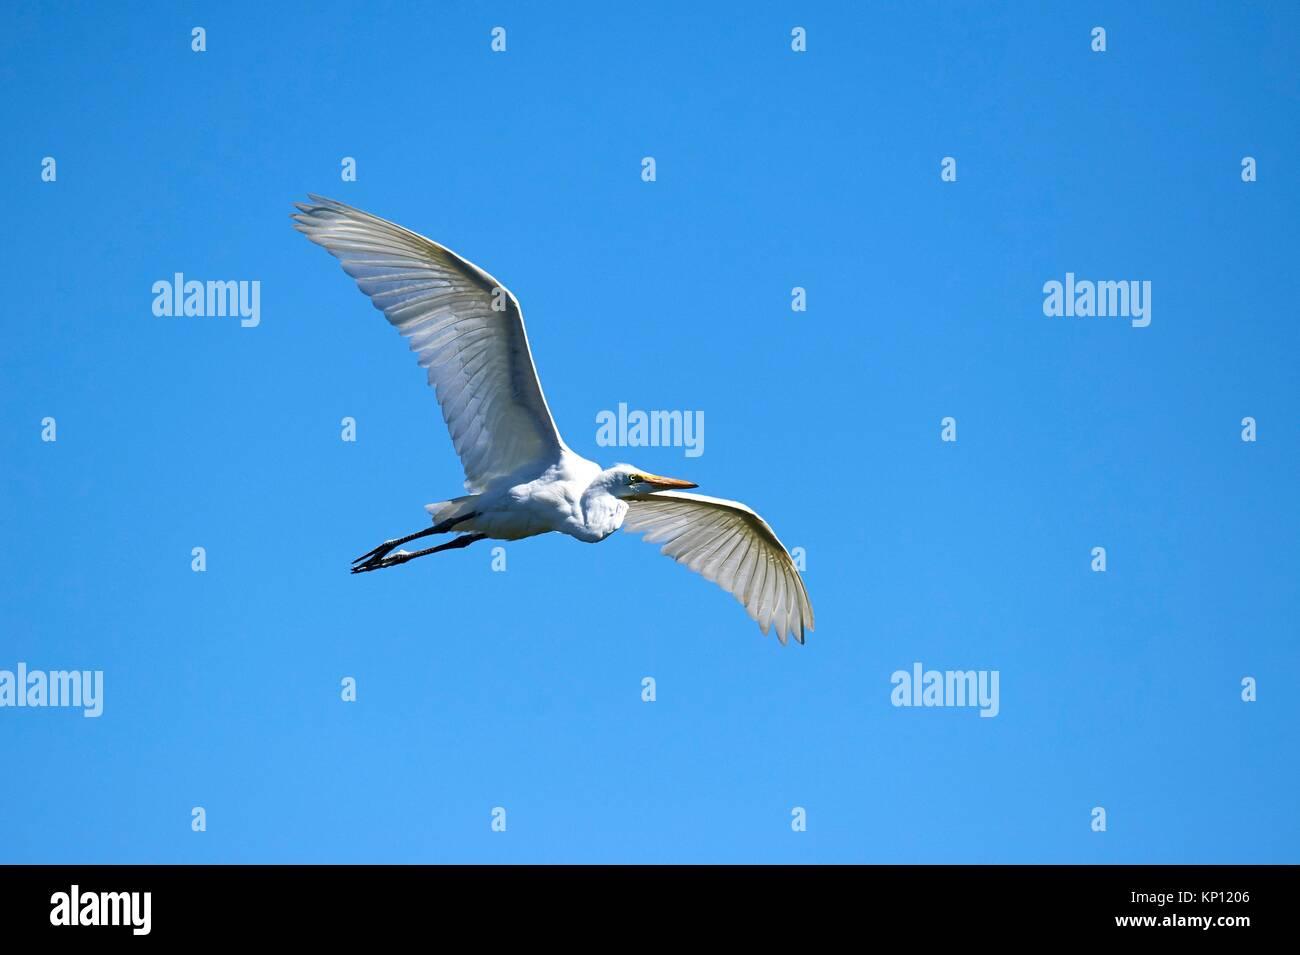 Airone bianco maggiore battenti (Ardea alba), Moremi National Park, Okavango Delta, Botswana, Sud Africa. Immagini Stock